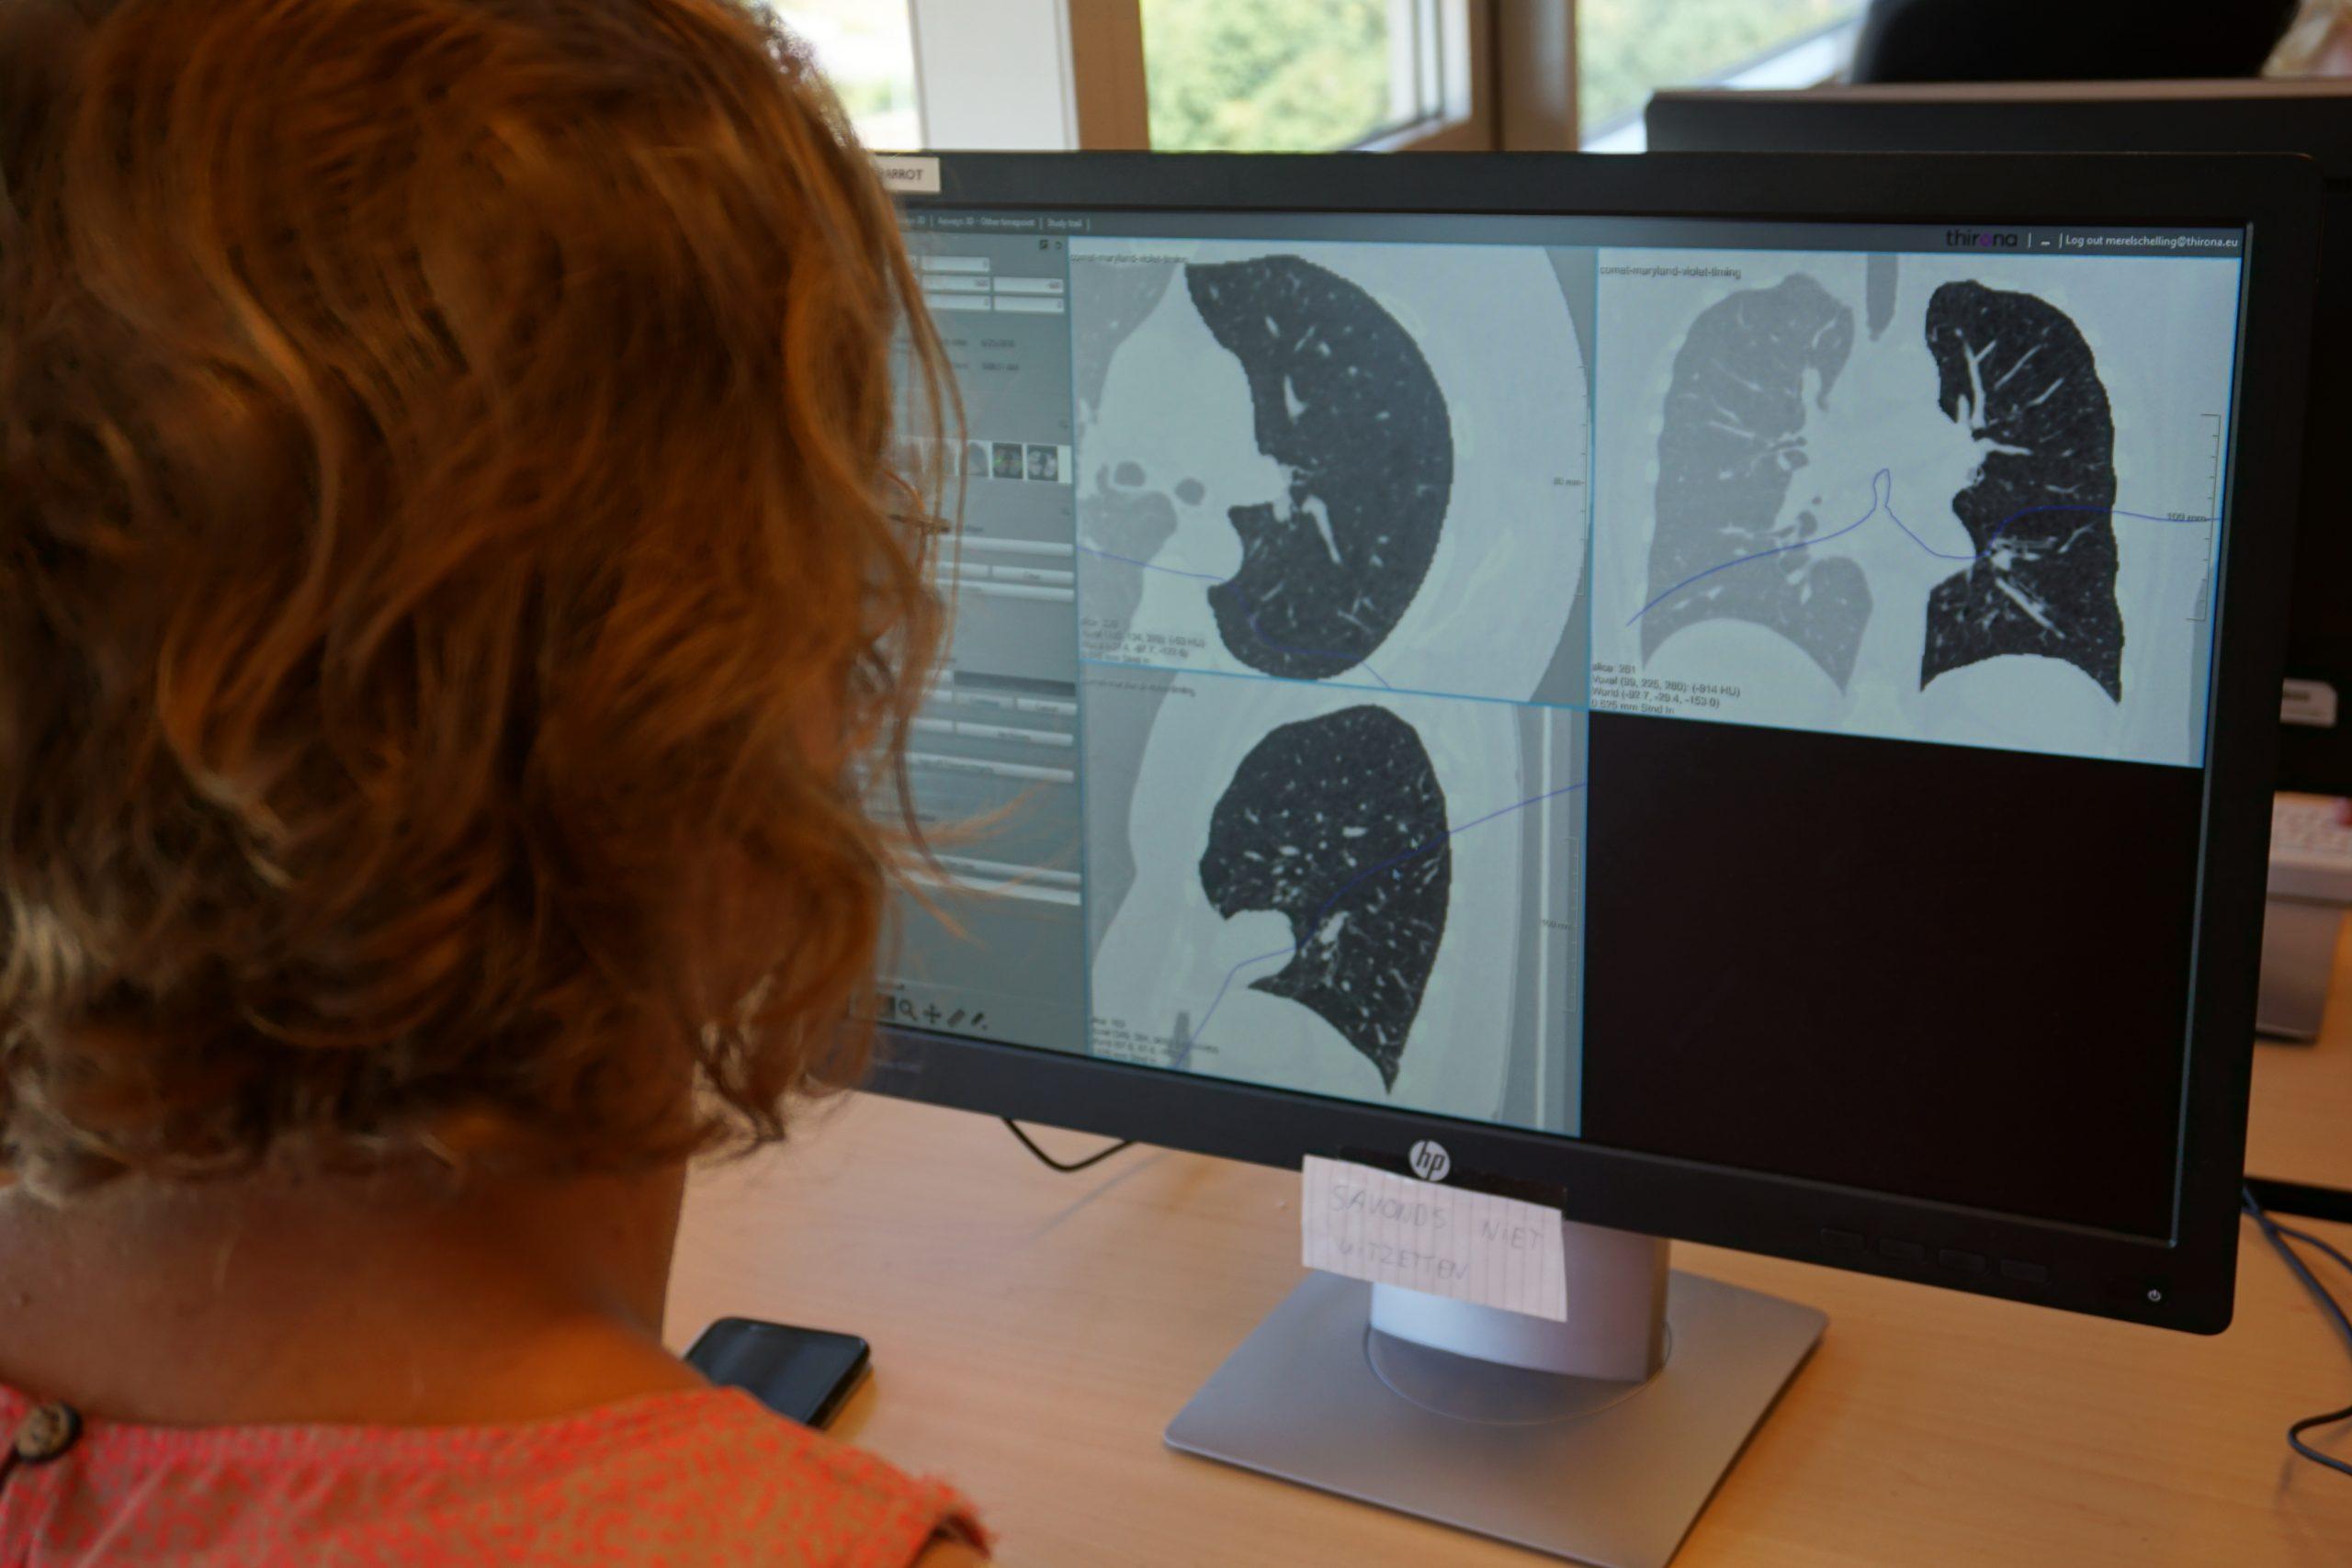 Delft Imaging